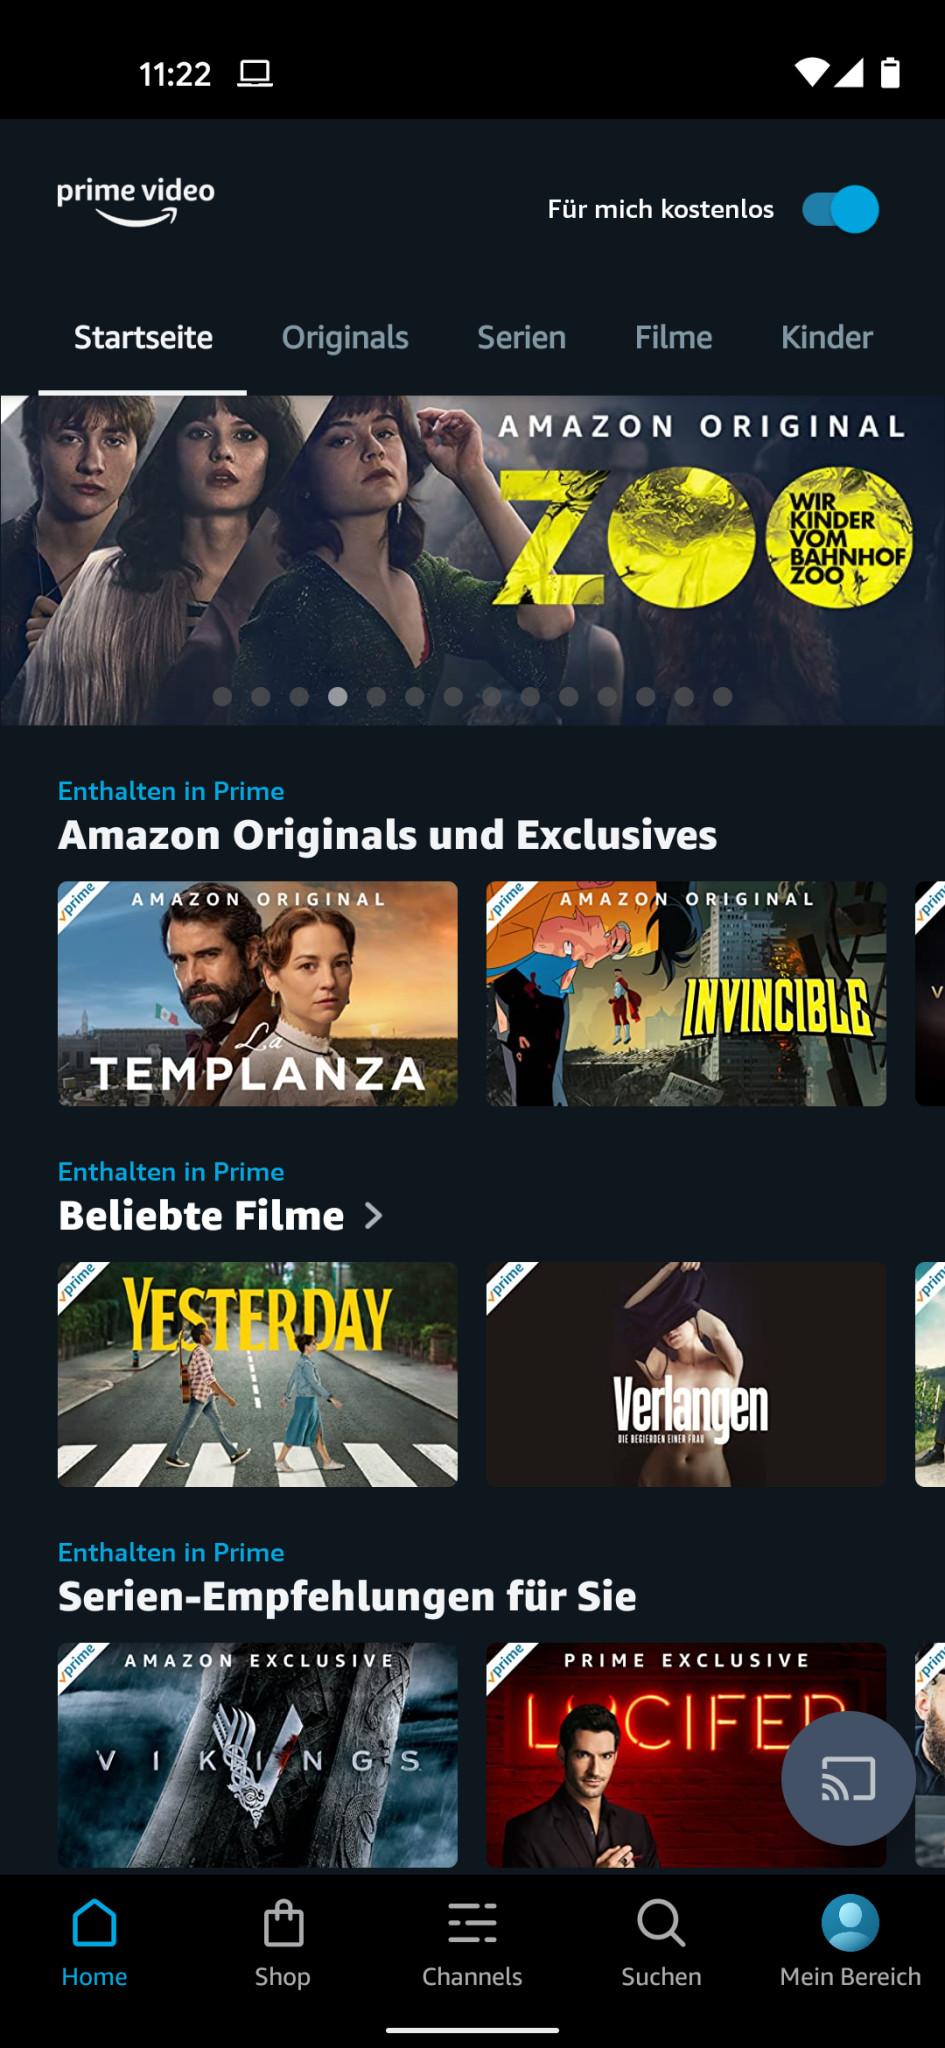 amazon prime video app auf deutsch stellen